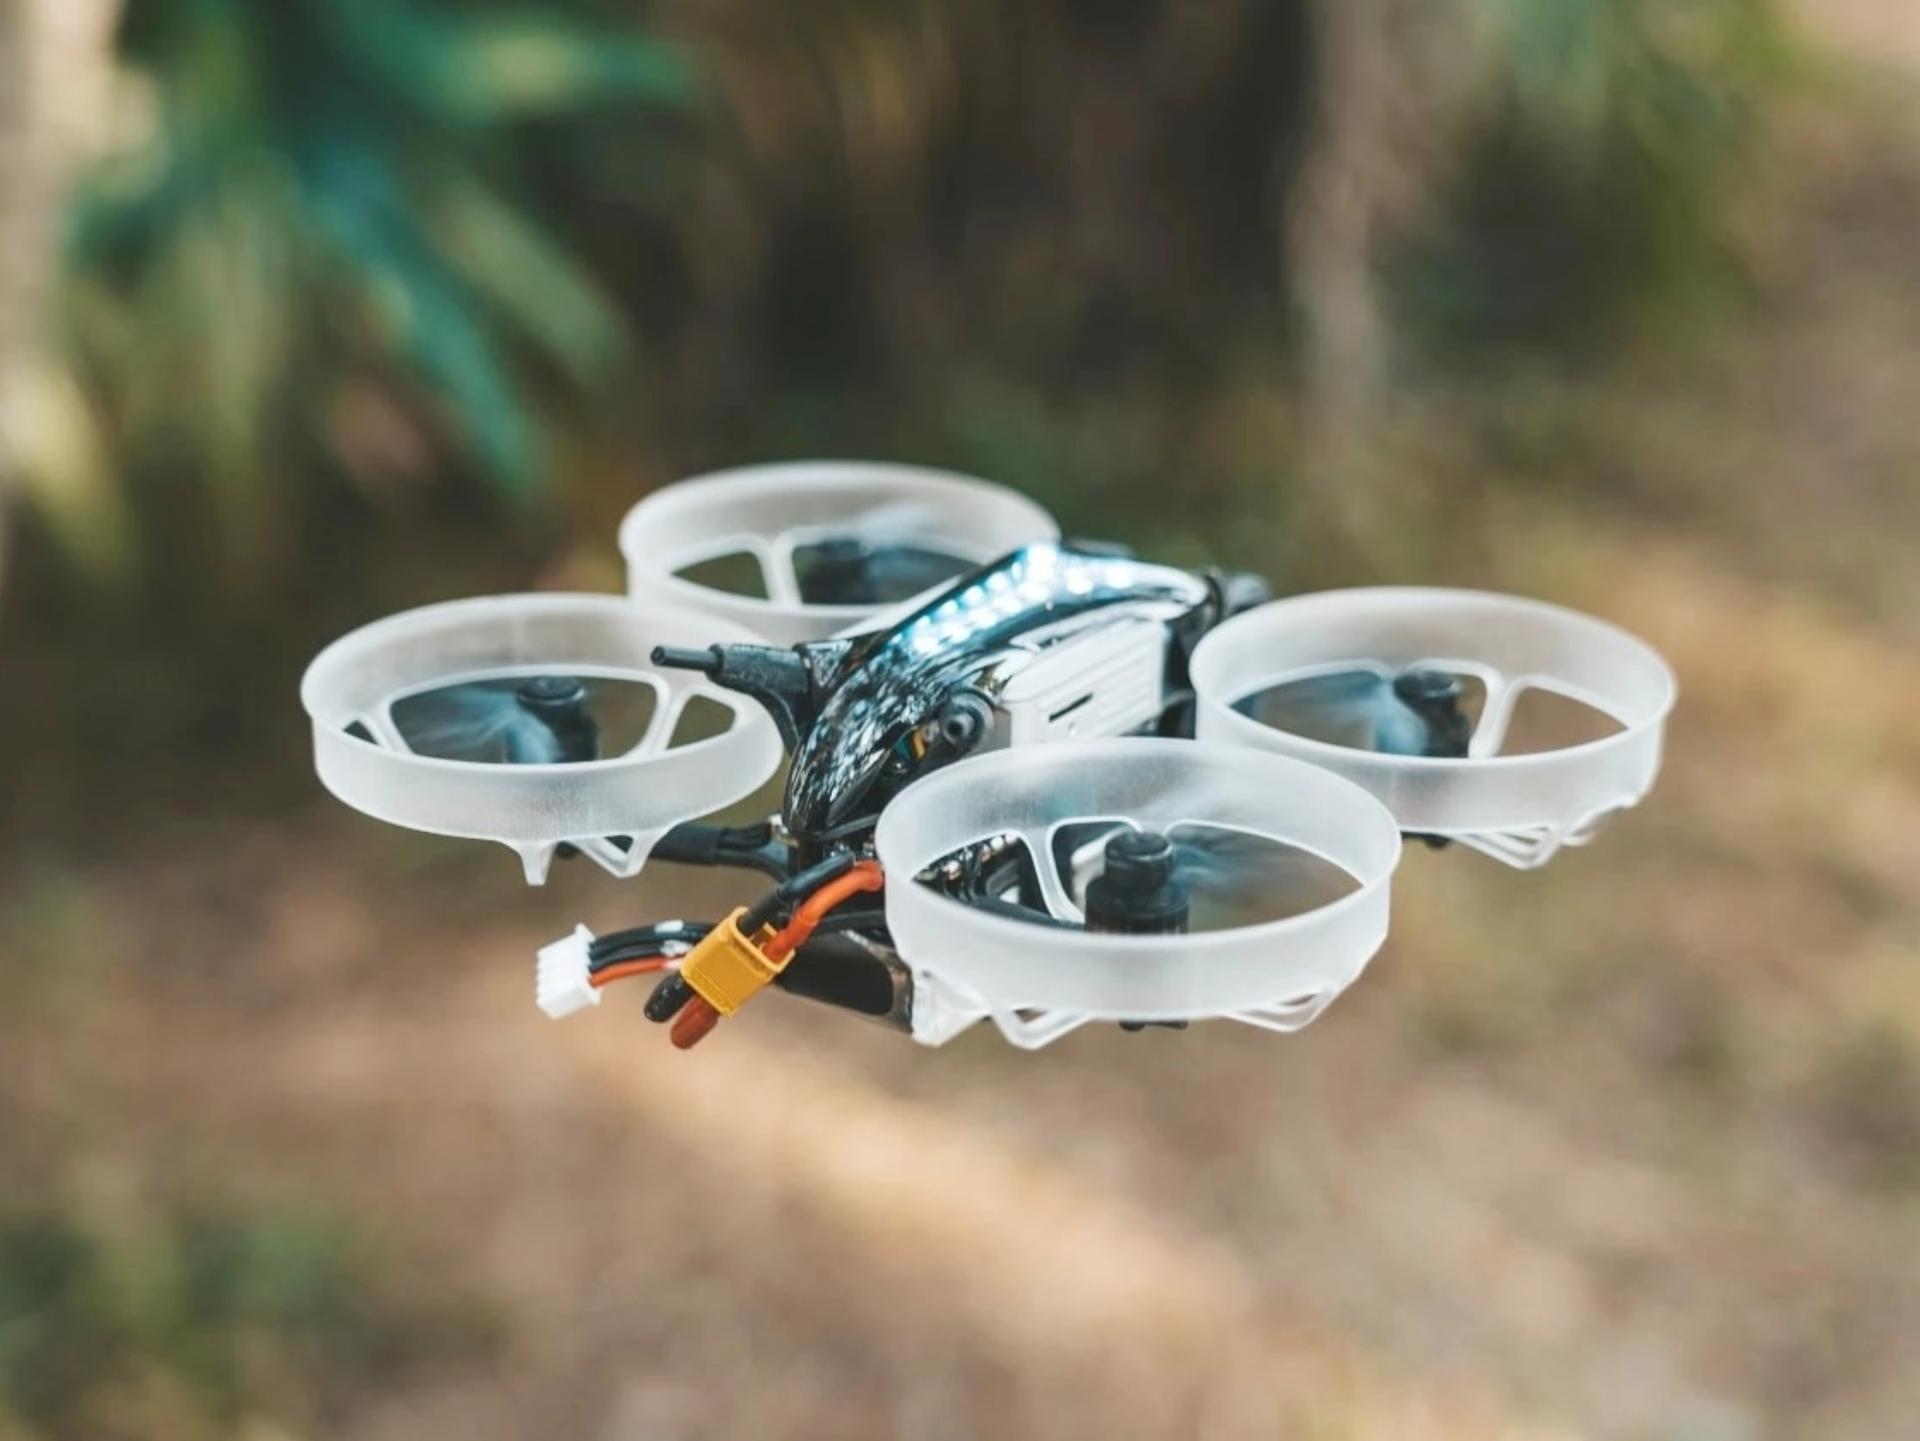 10 LƯU Ý KHI ĐIỀU KHIỂN DRONE AN TOÀN 2